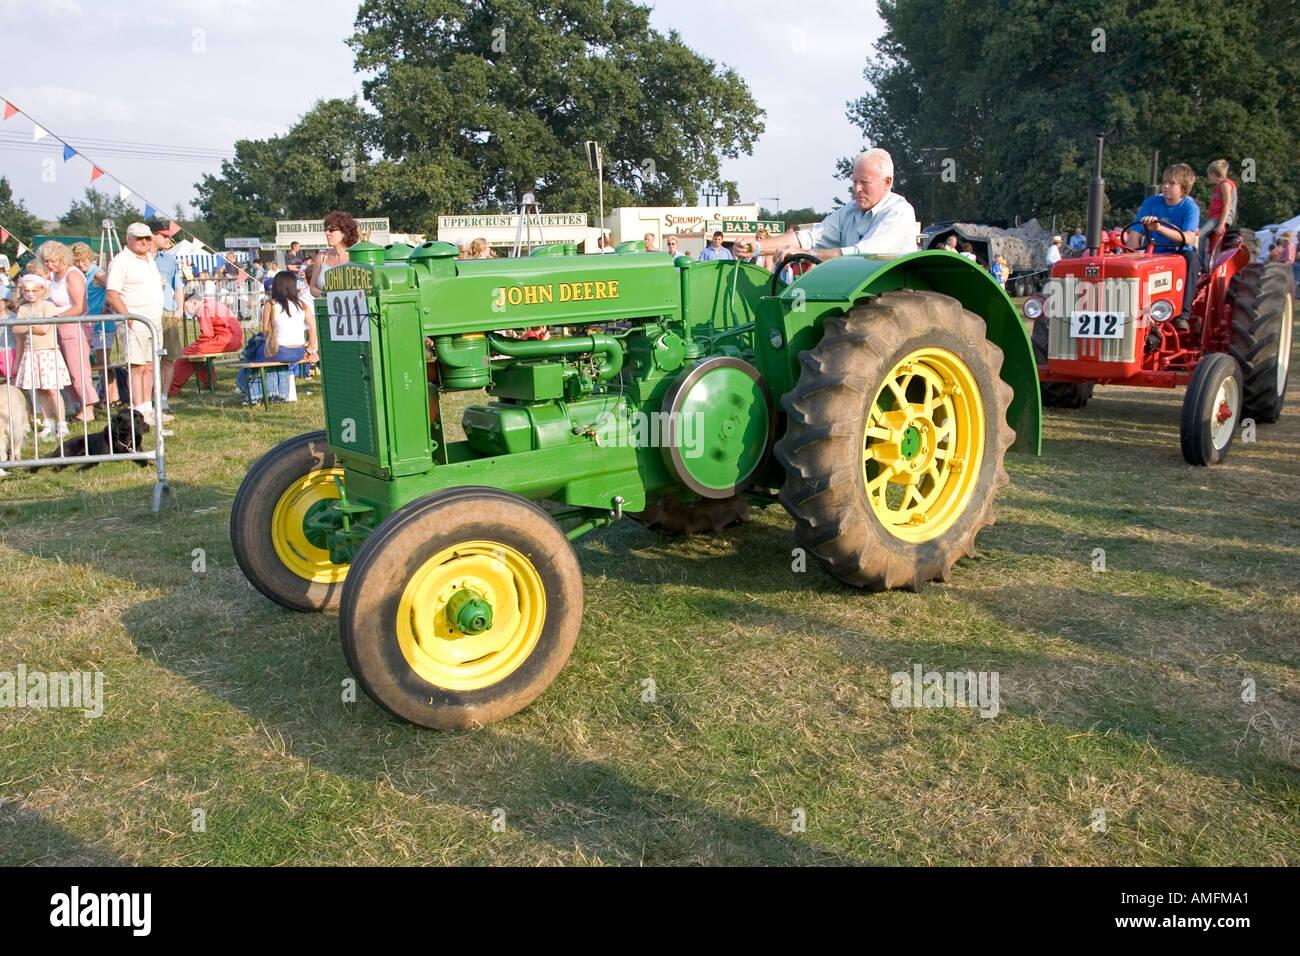 Antique John Deere Show Tractors : Old vintage john deere tractor at moreton in marsh